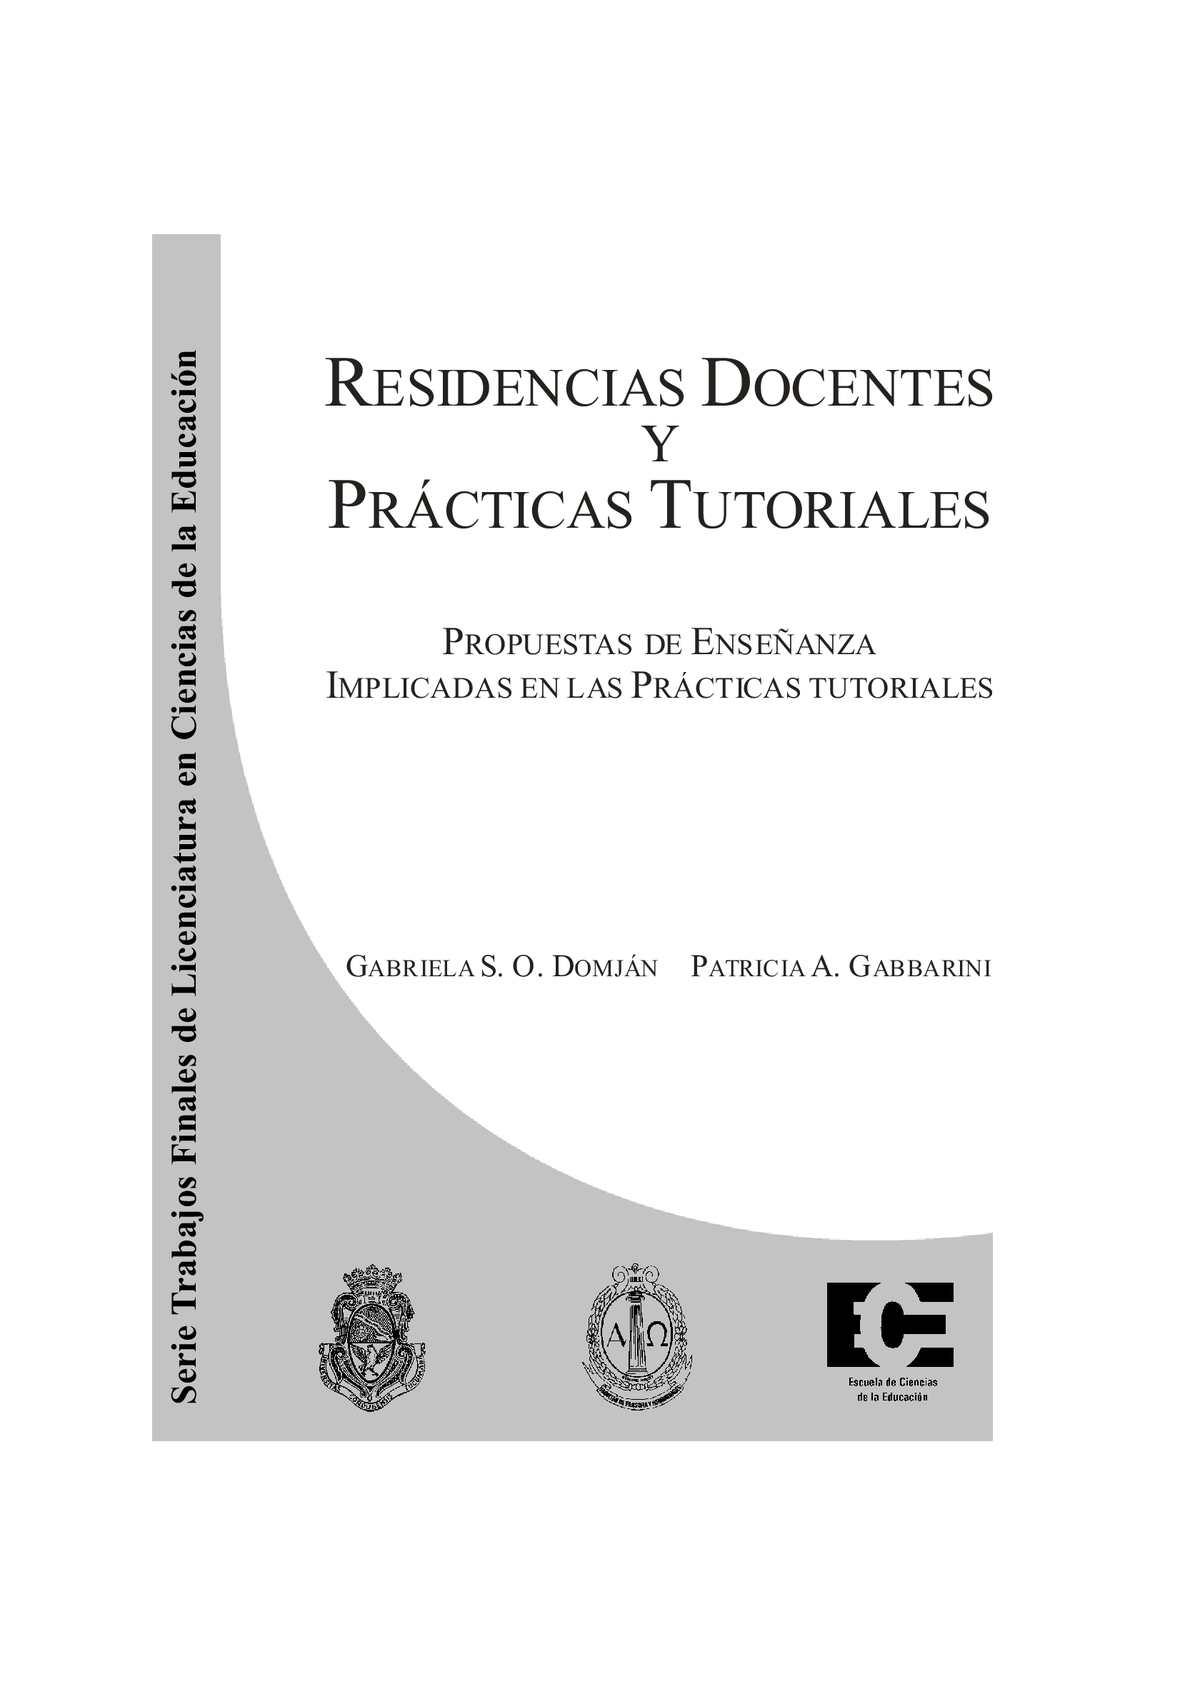 Domjan y Gabarini-Practicum-Docentes-Tutores